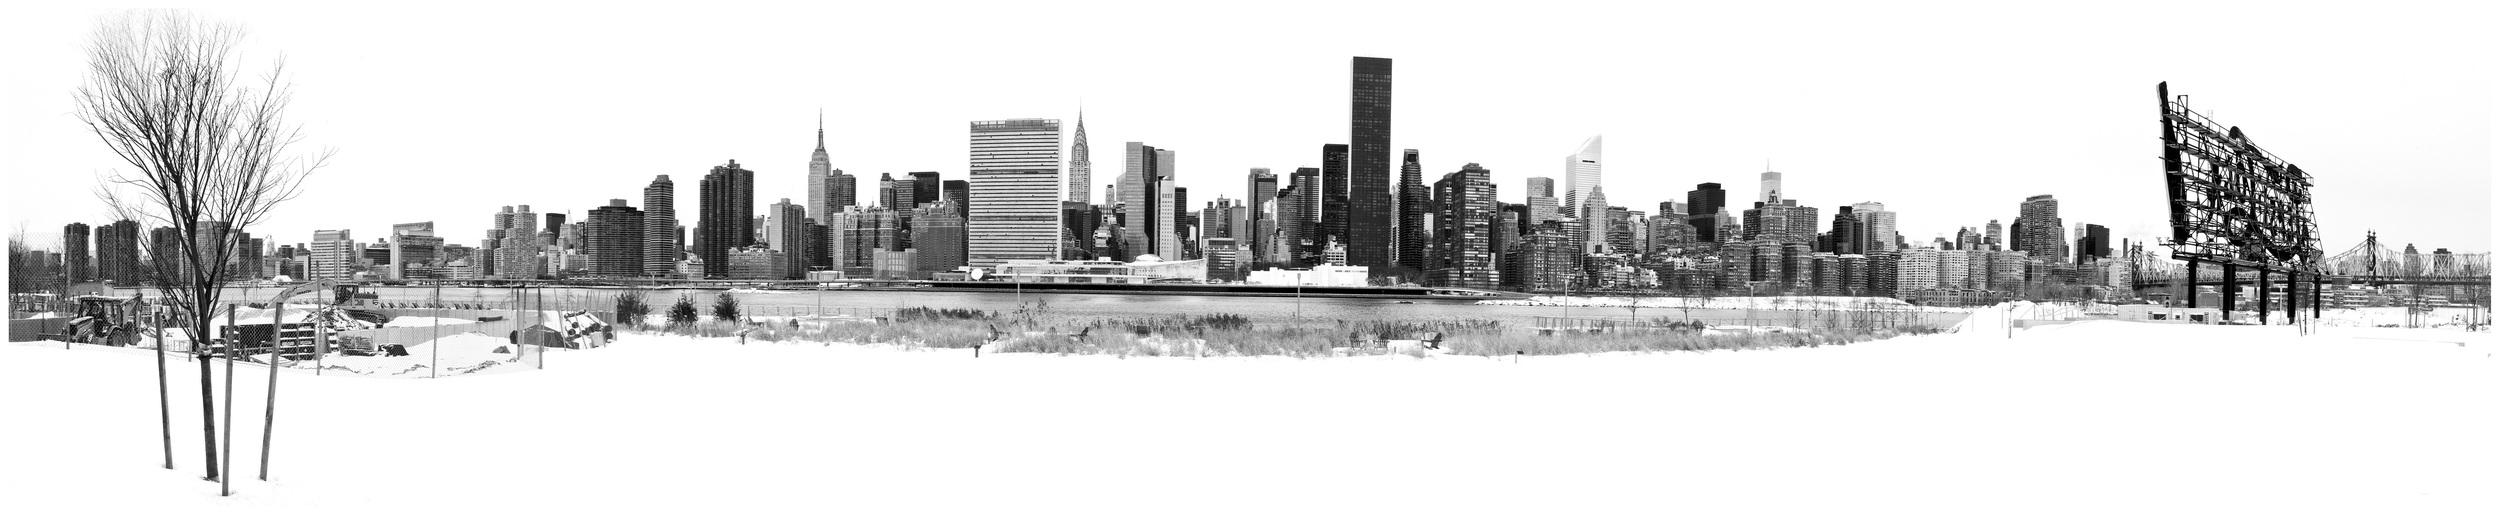 JW_NYC_122009-.jpg